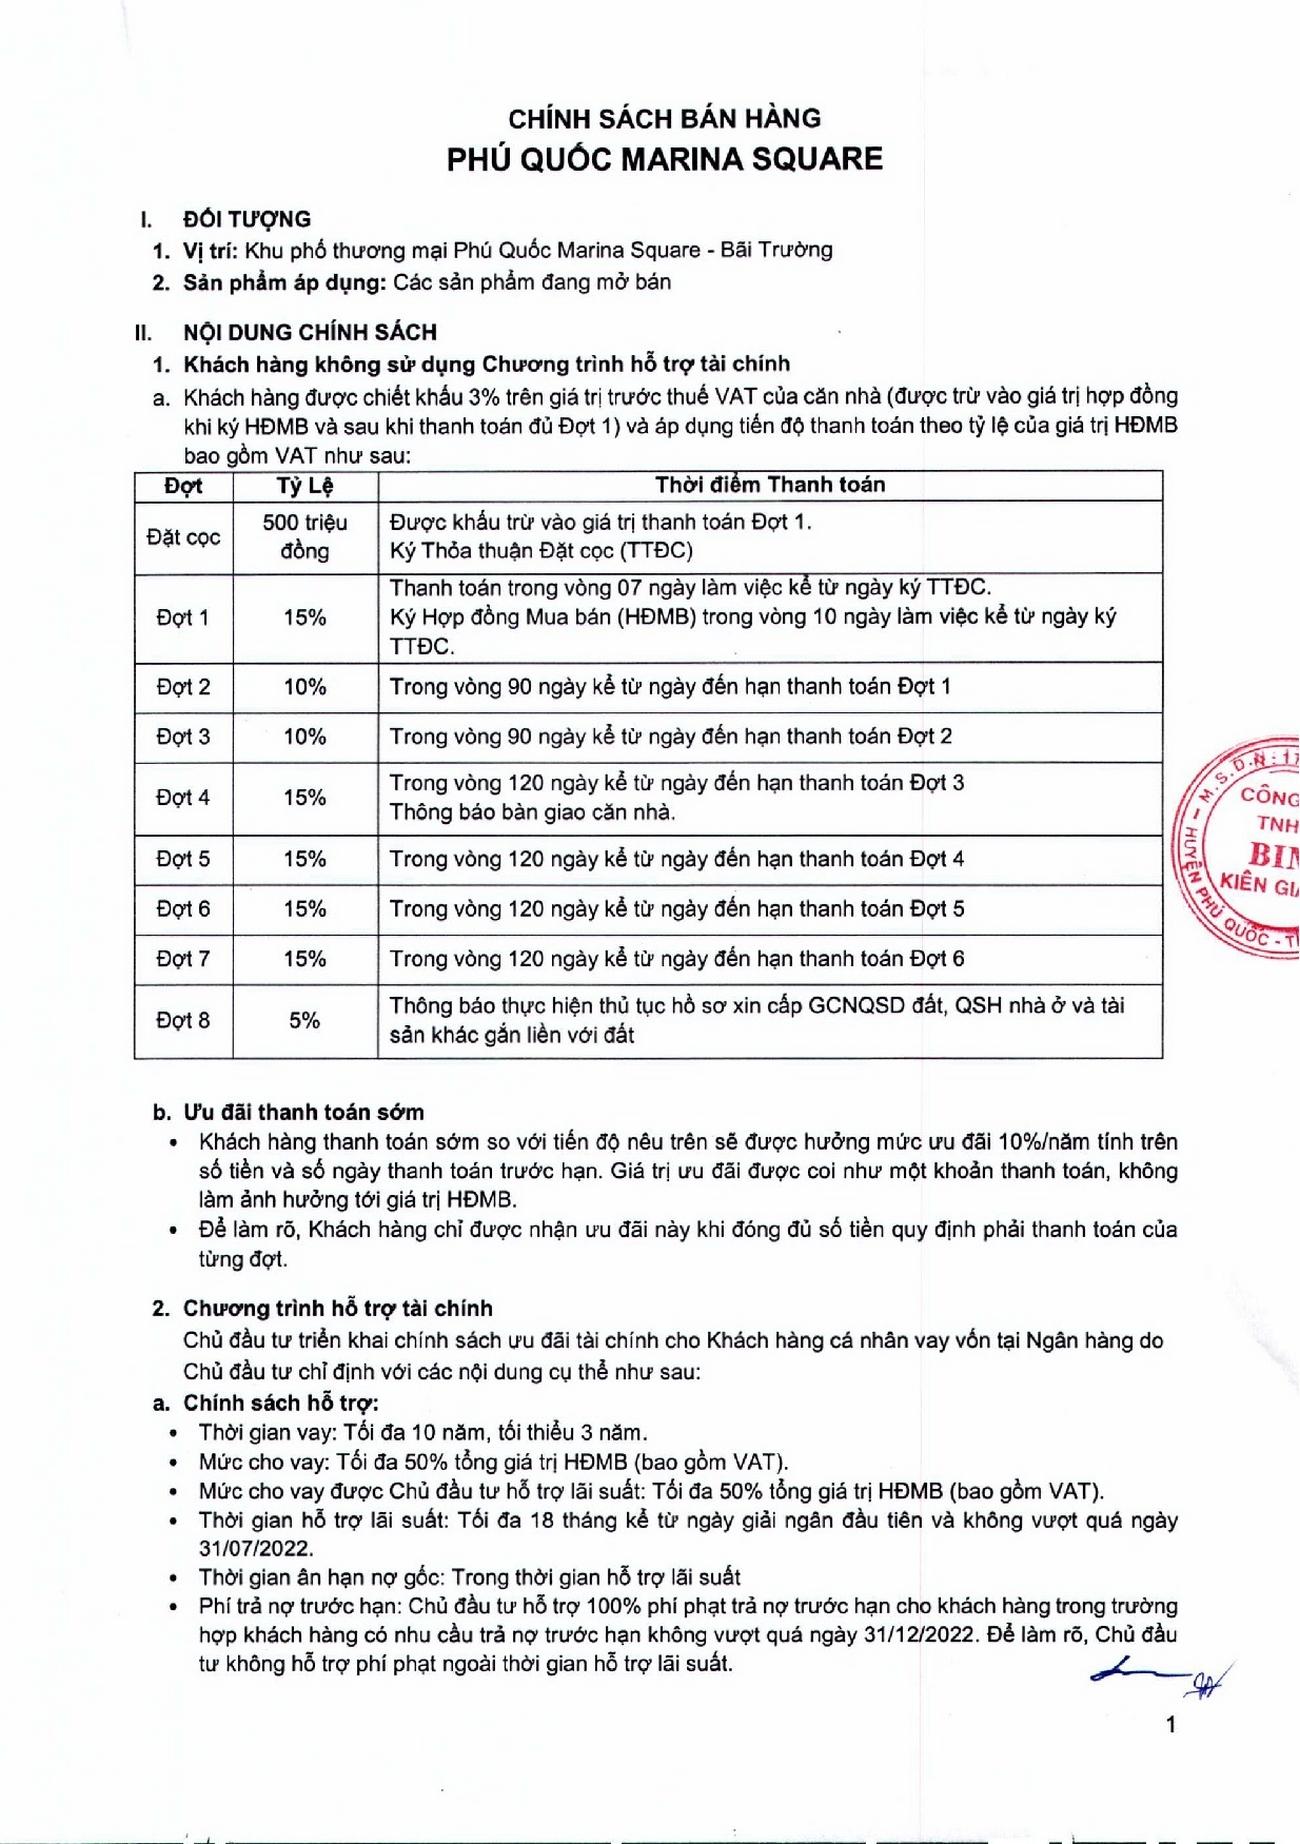 Phương thức thanh toán dự án nhà phố Marina Square huyện Phú Quốc Đường Bãi Trường, xã Dương Tơ chủ đầu tư BIM Group